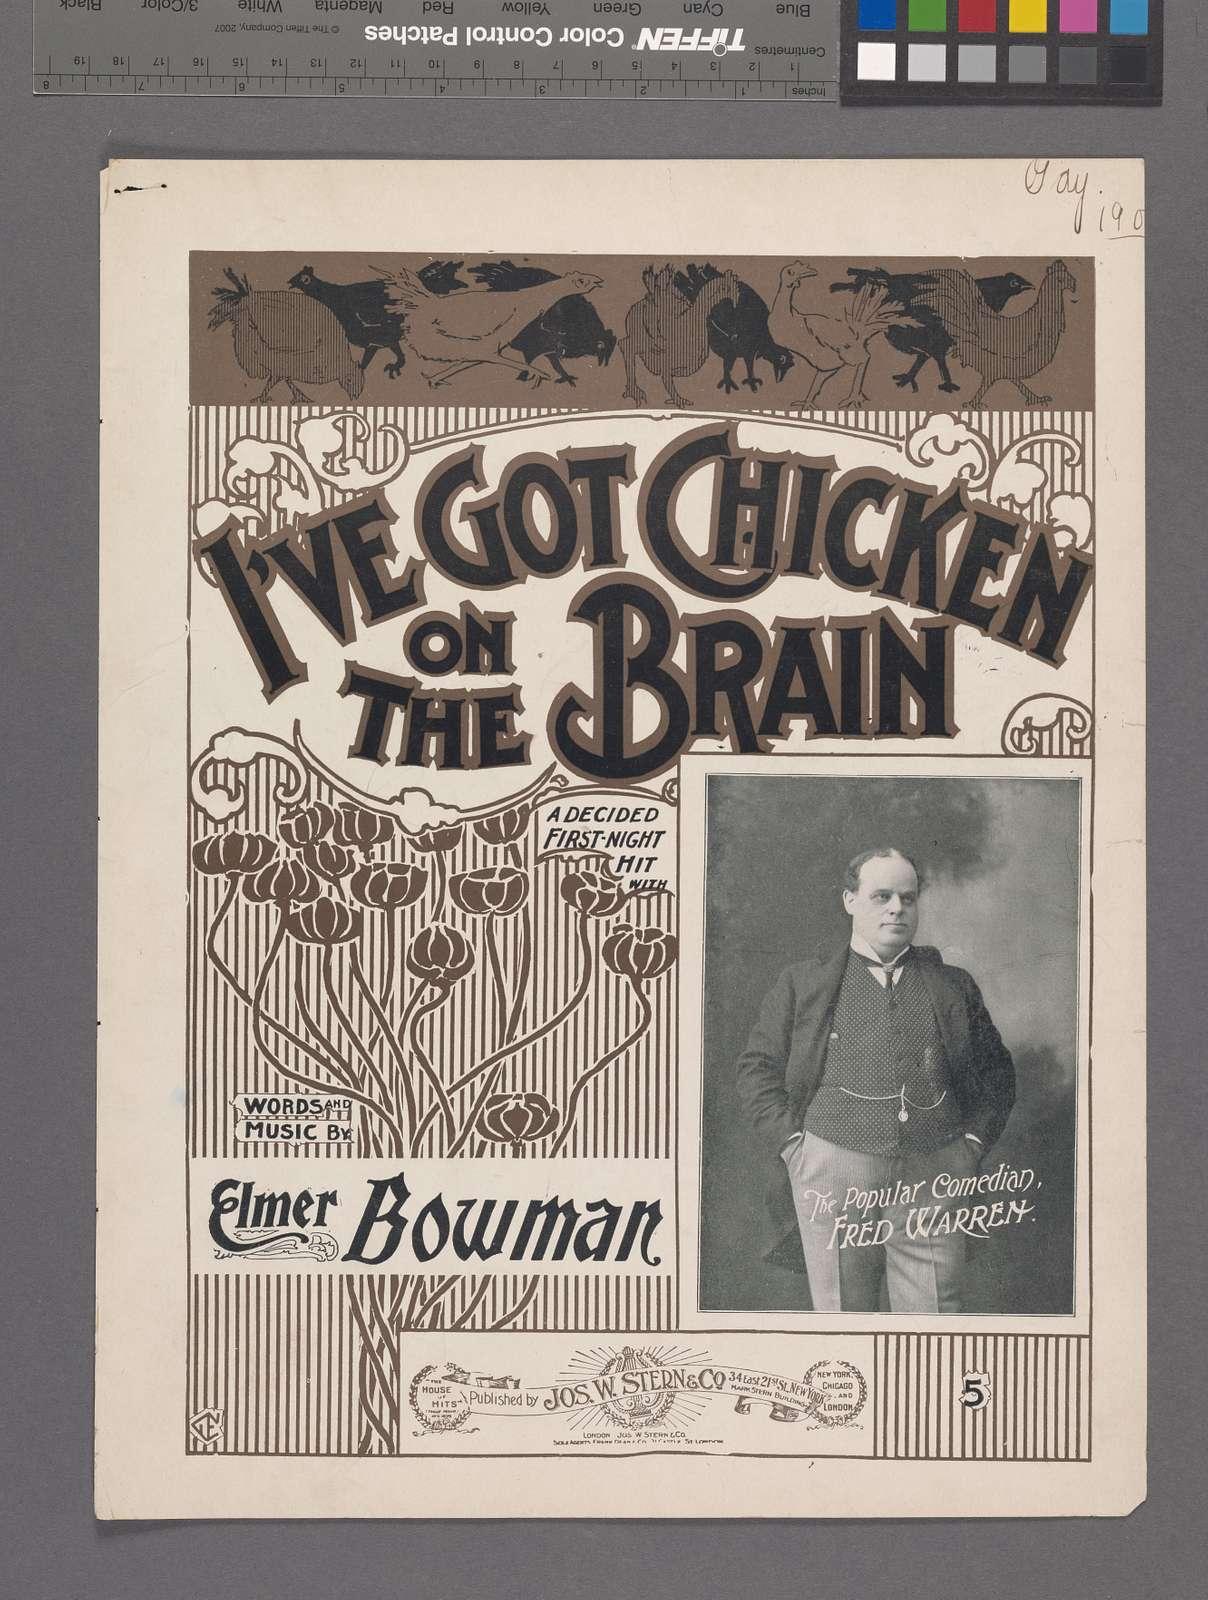 I've got chicken on the brain